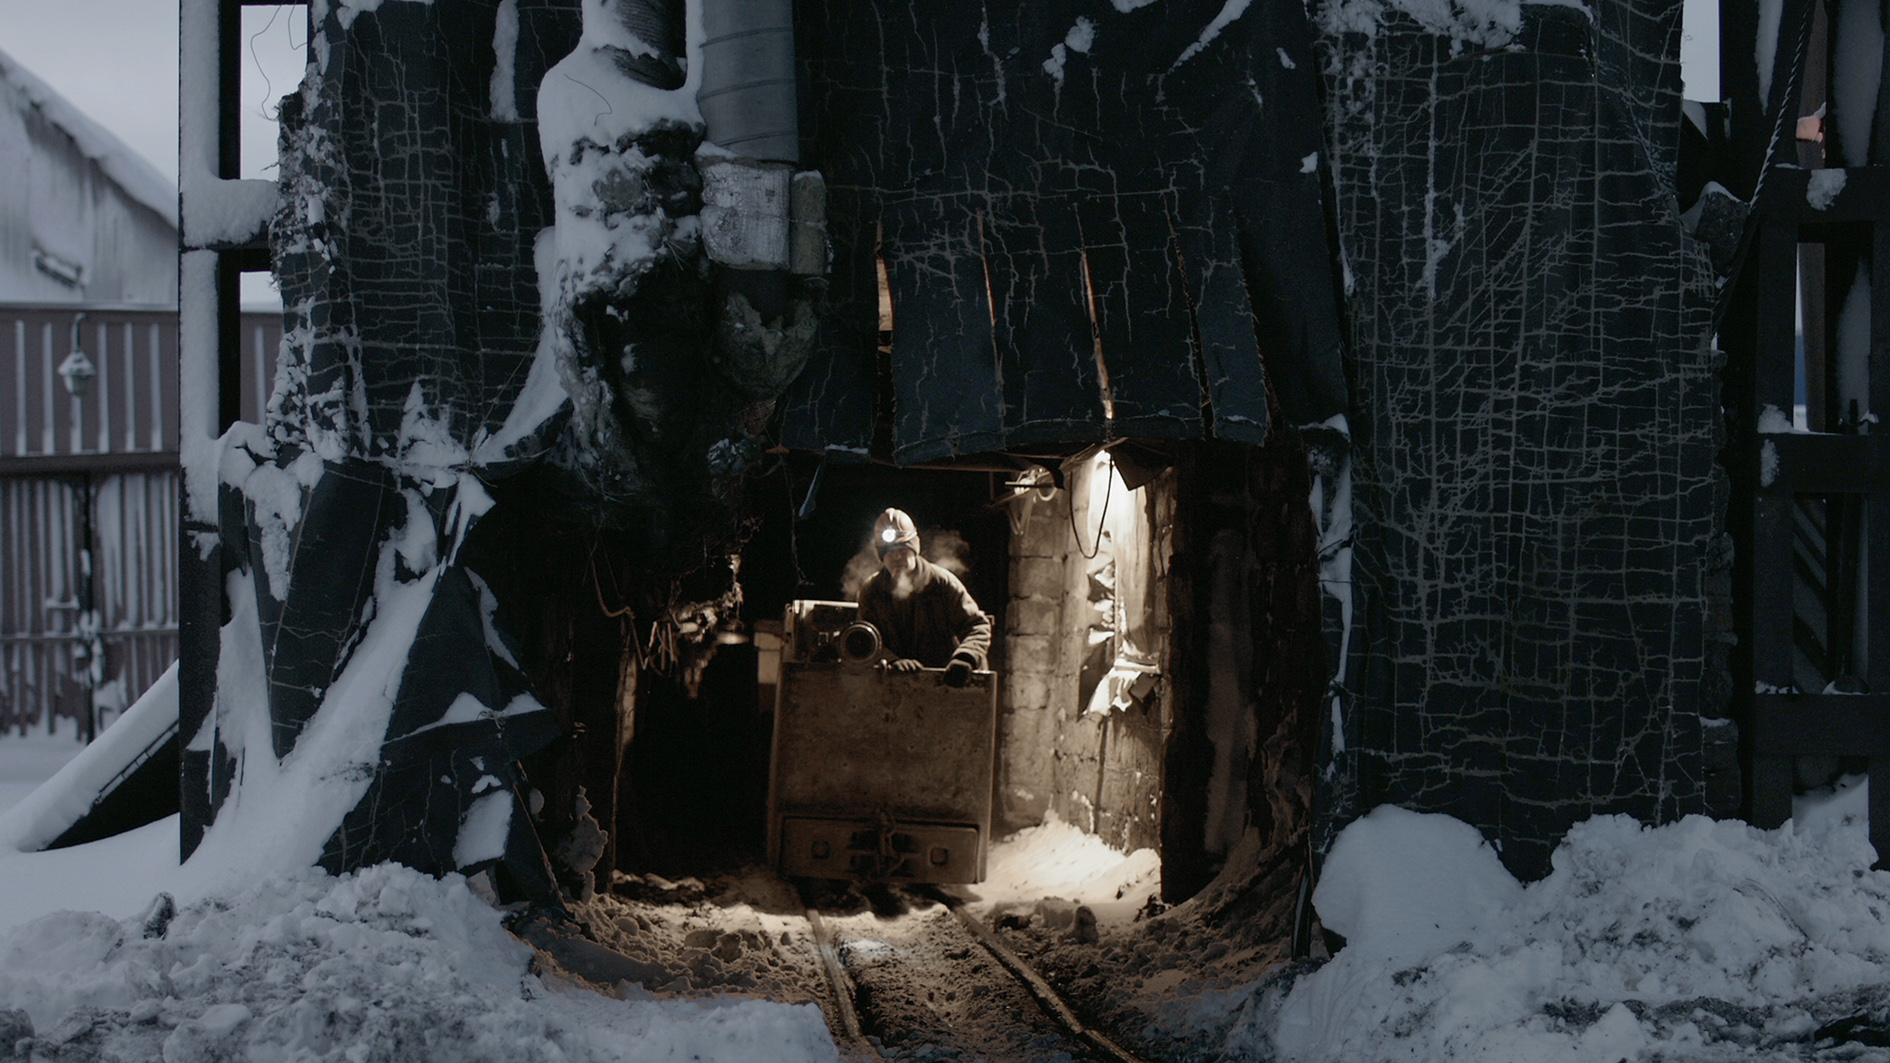 Videostill: Outpost, Wim Catrysse